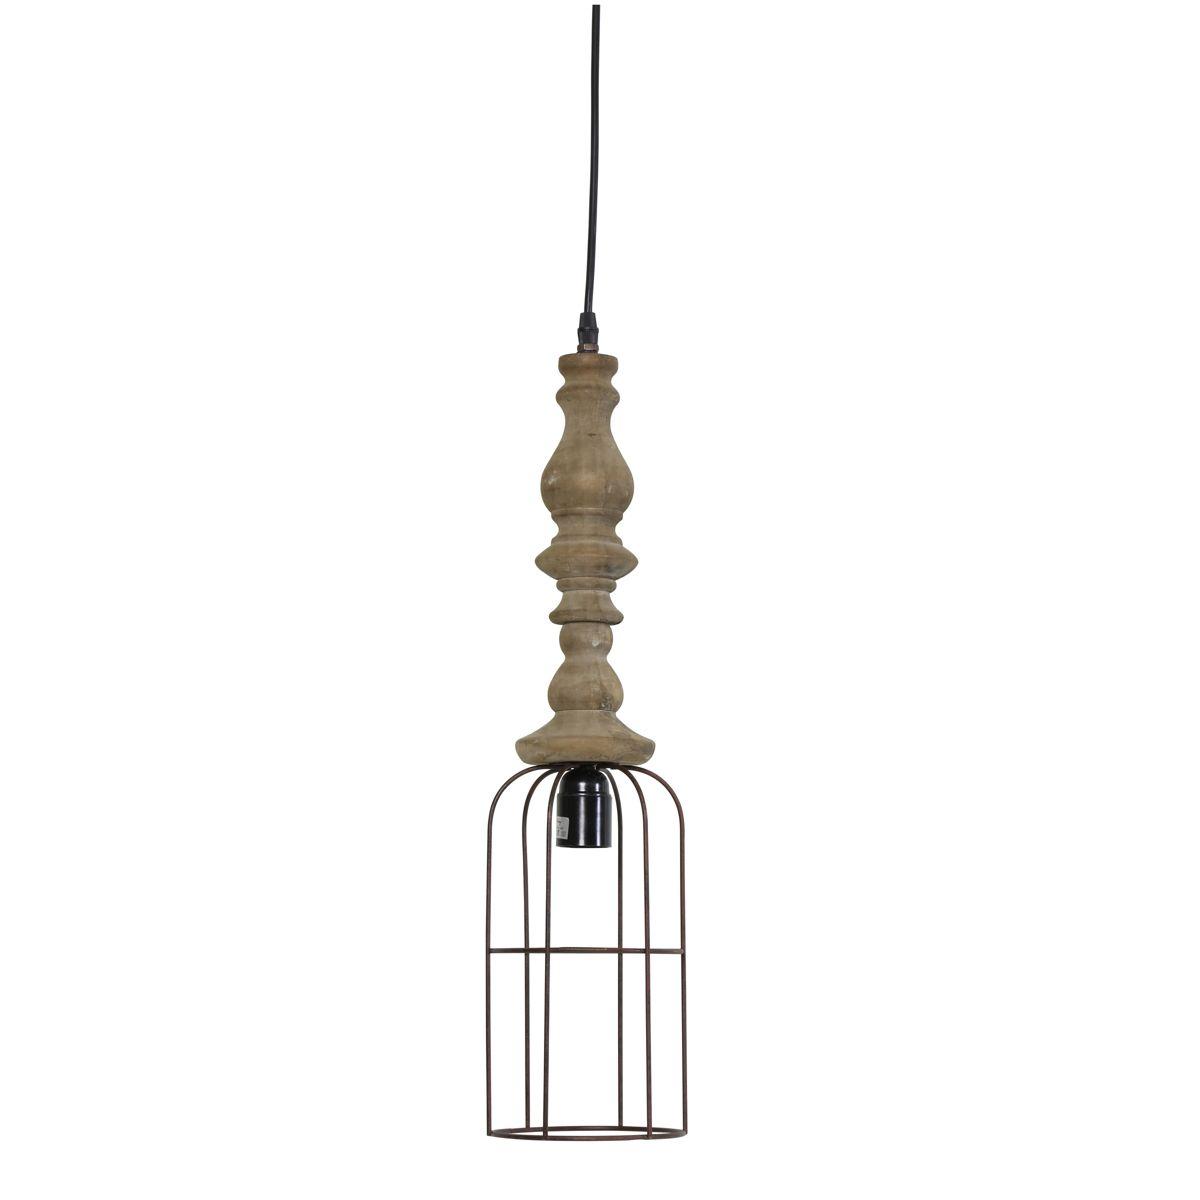 Lampa wisząca Resi metal drewno Ø15x61 cm 3050784 Light ...